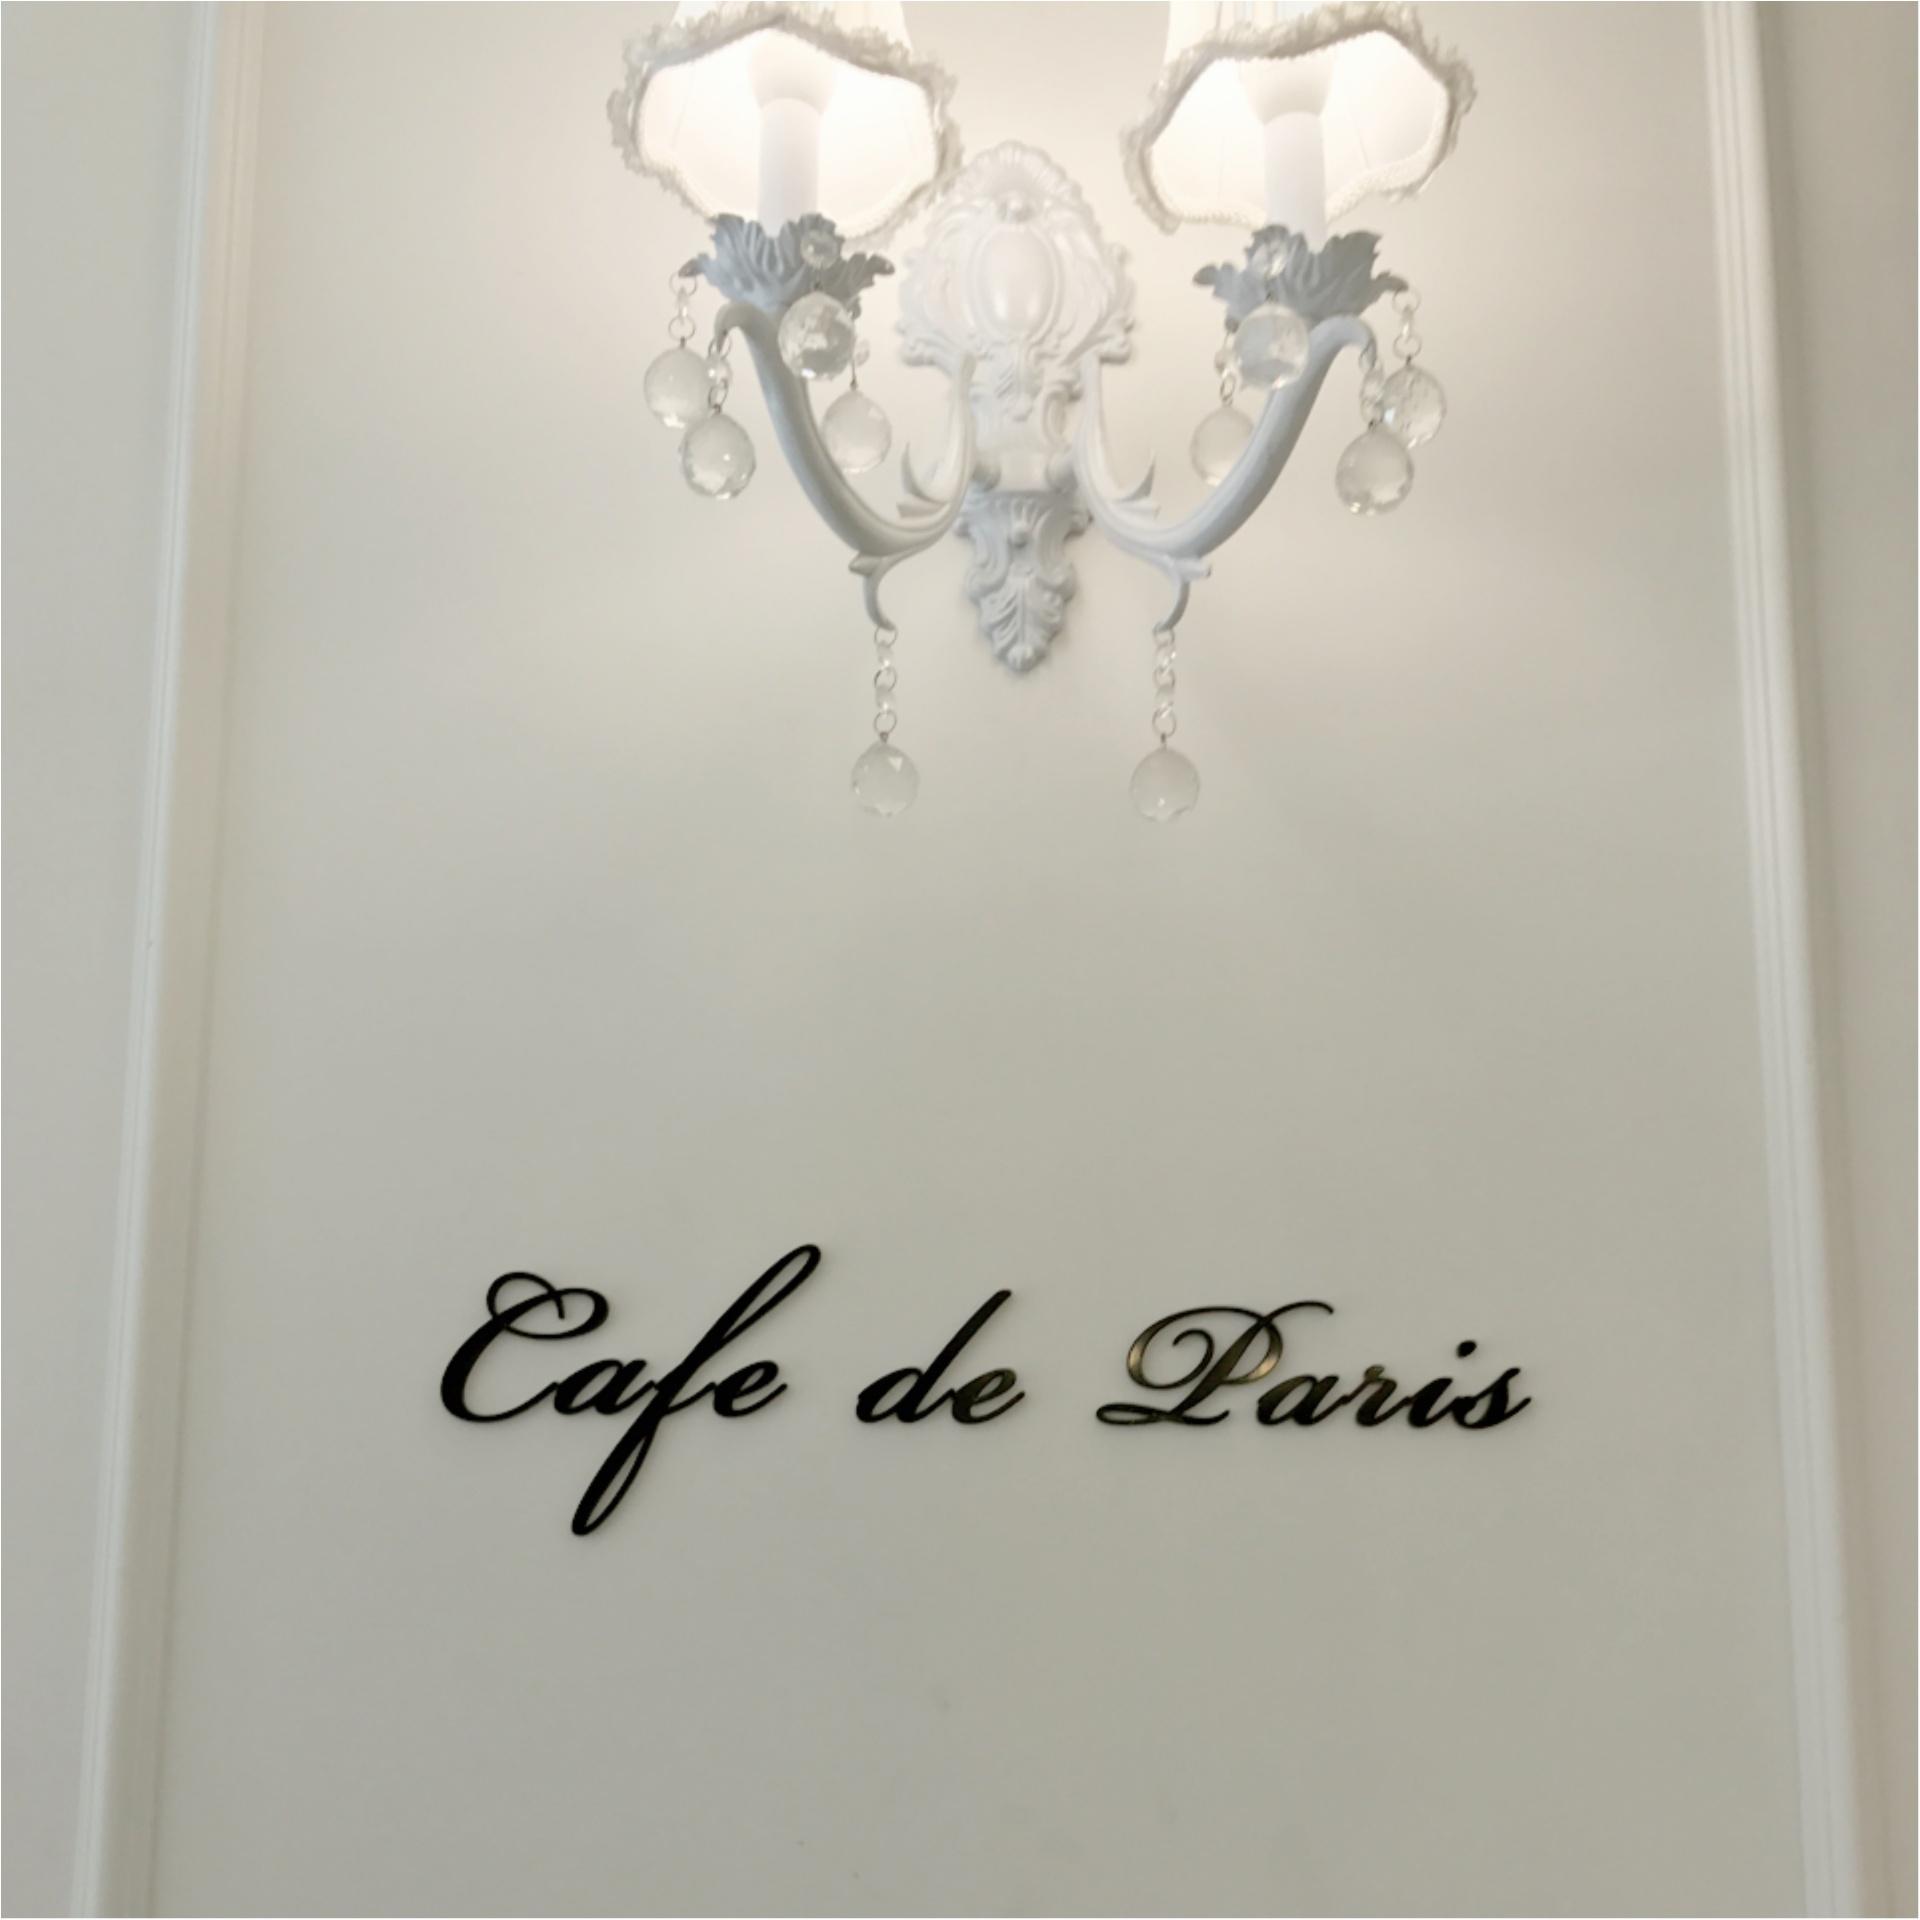 ★可愛い!美味しい!オシャレ!韓国の『Cafe de Paris』は全てが噂以上でした★_1